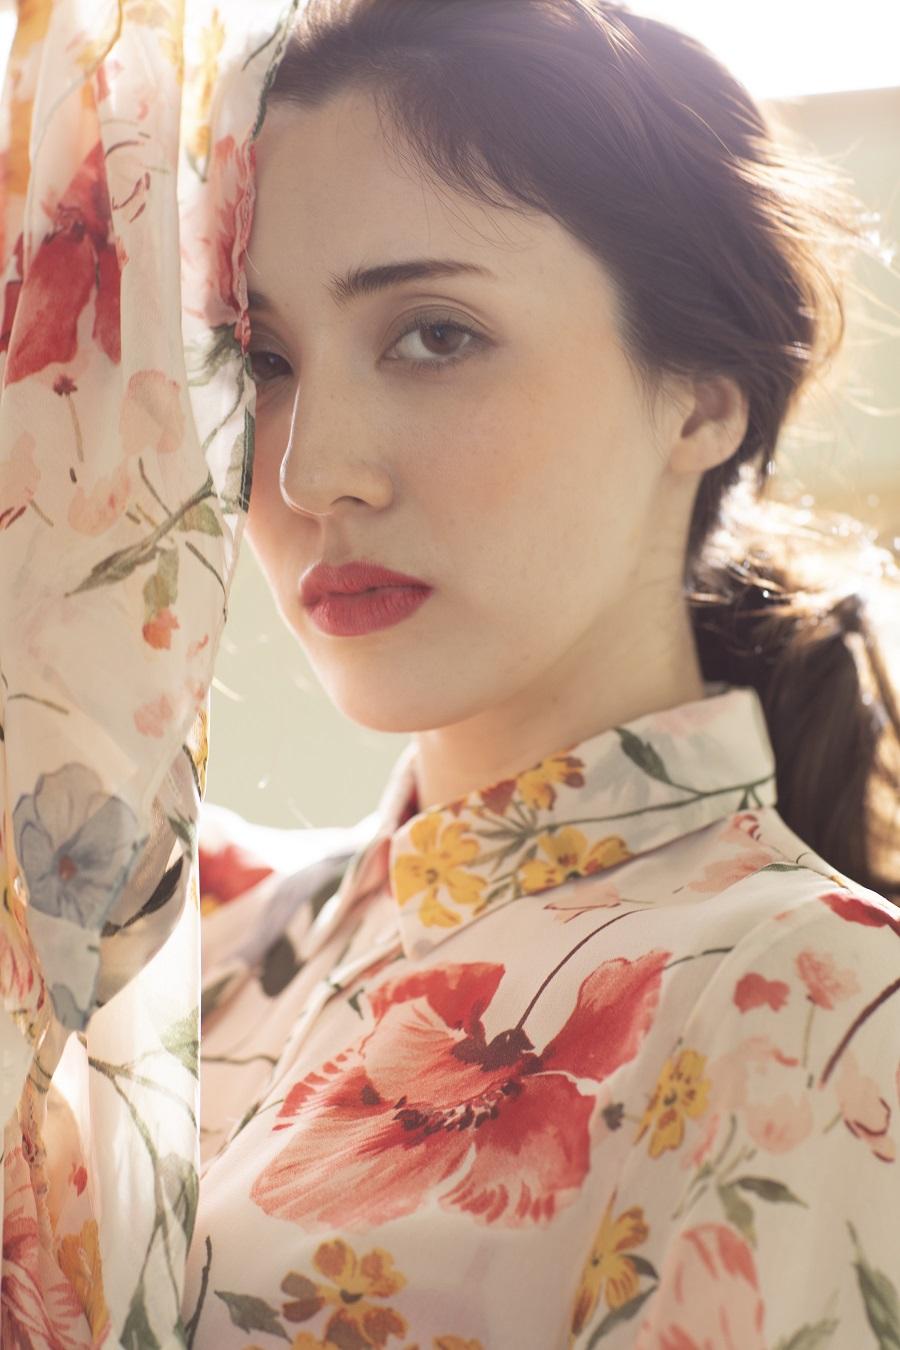 写真は、花柄の服を着た朝比さん(撮影:丸谷嘉長さん)